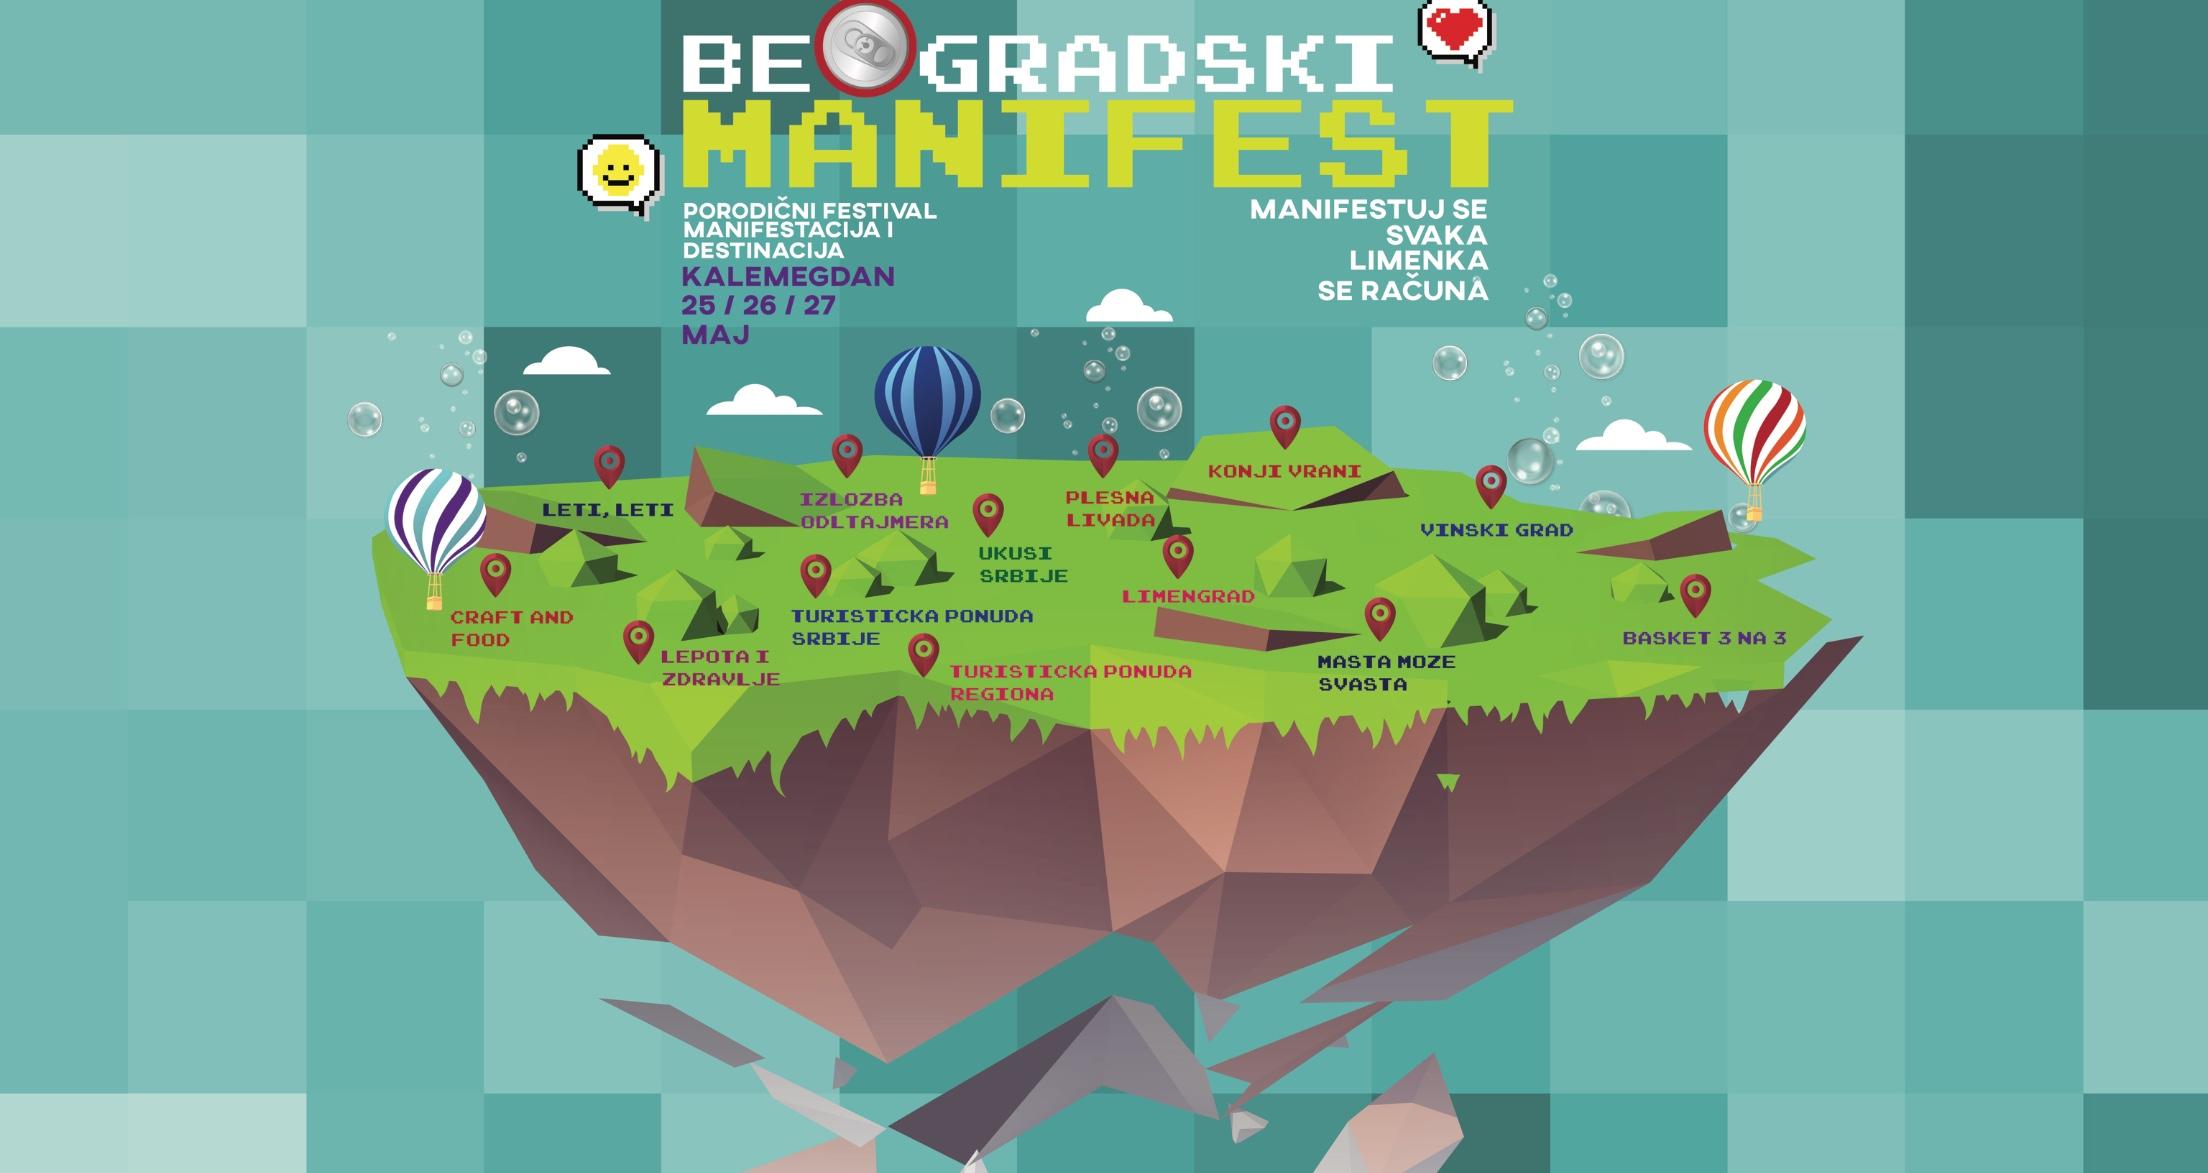 Beogradski Manifest 2018